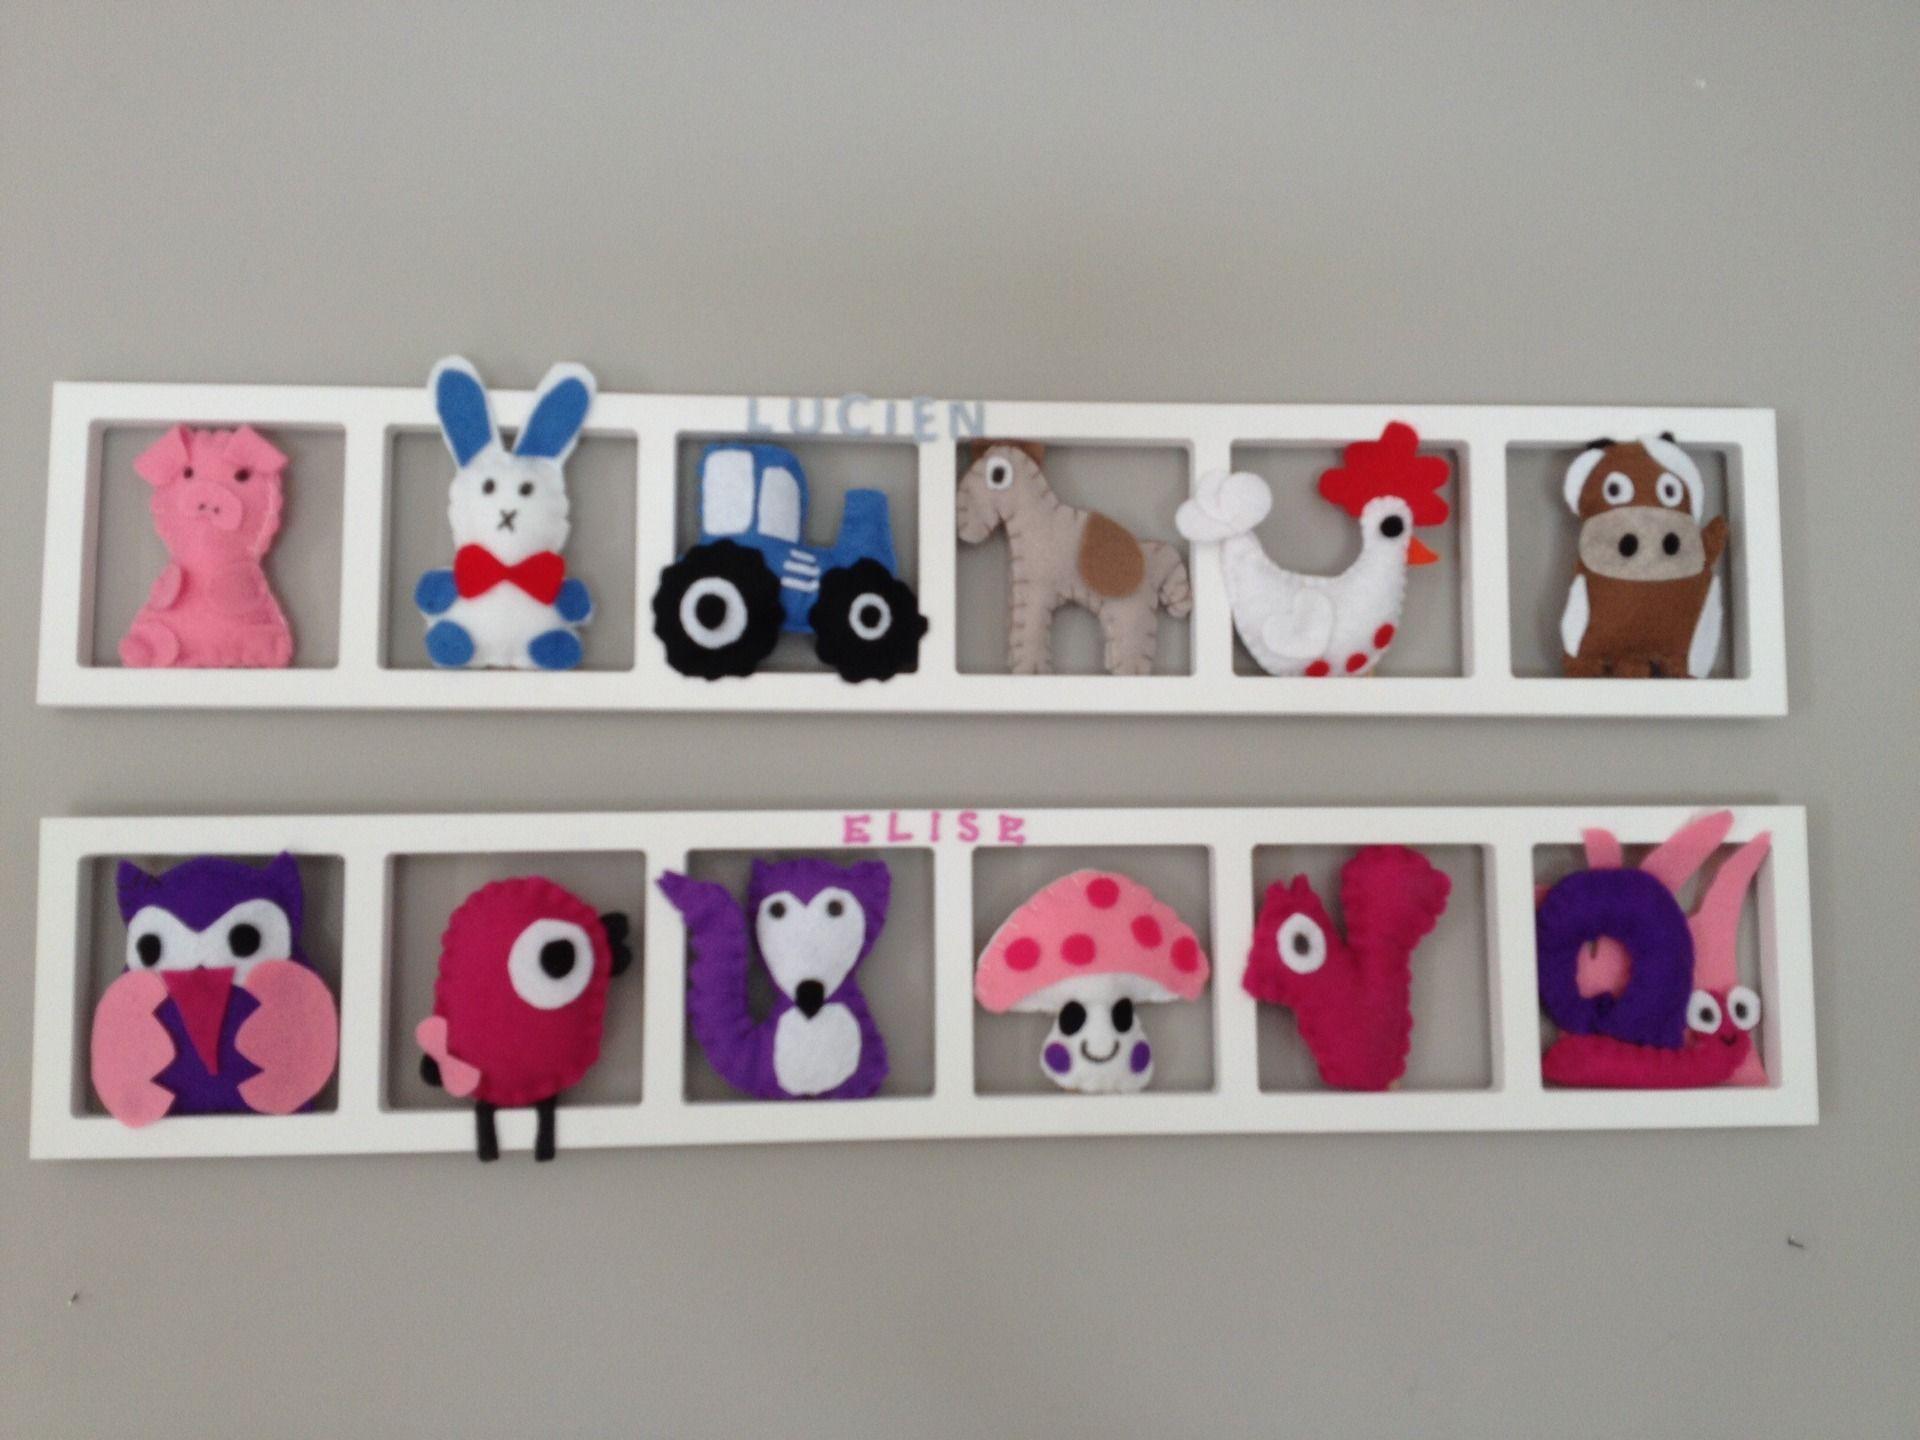 Deco chambre fille hiboux chouettes rose mauve cadeau naissance personnalise cadre mural - Cadre photo chambre bebe ...